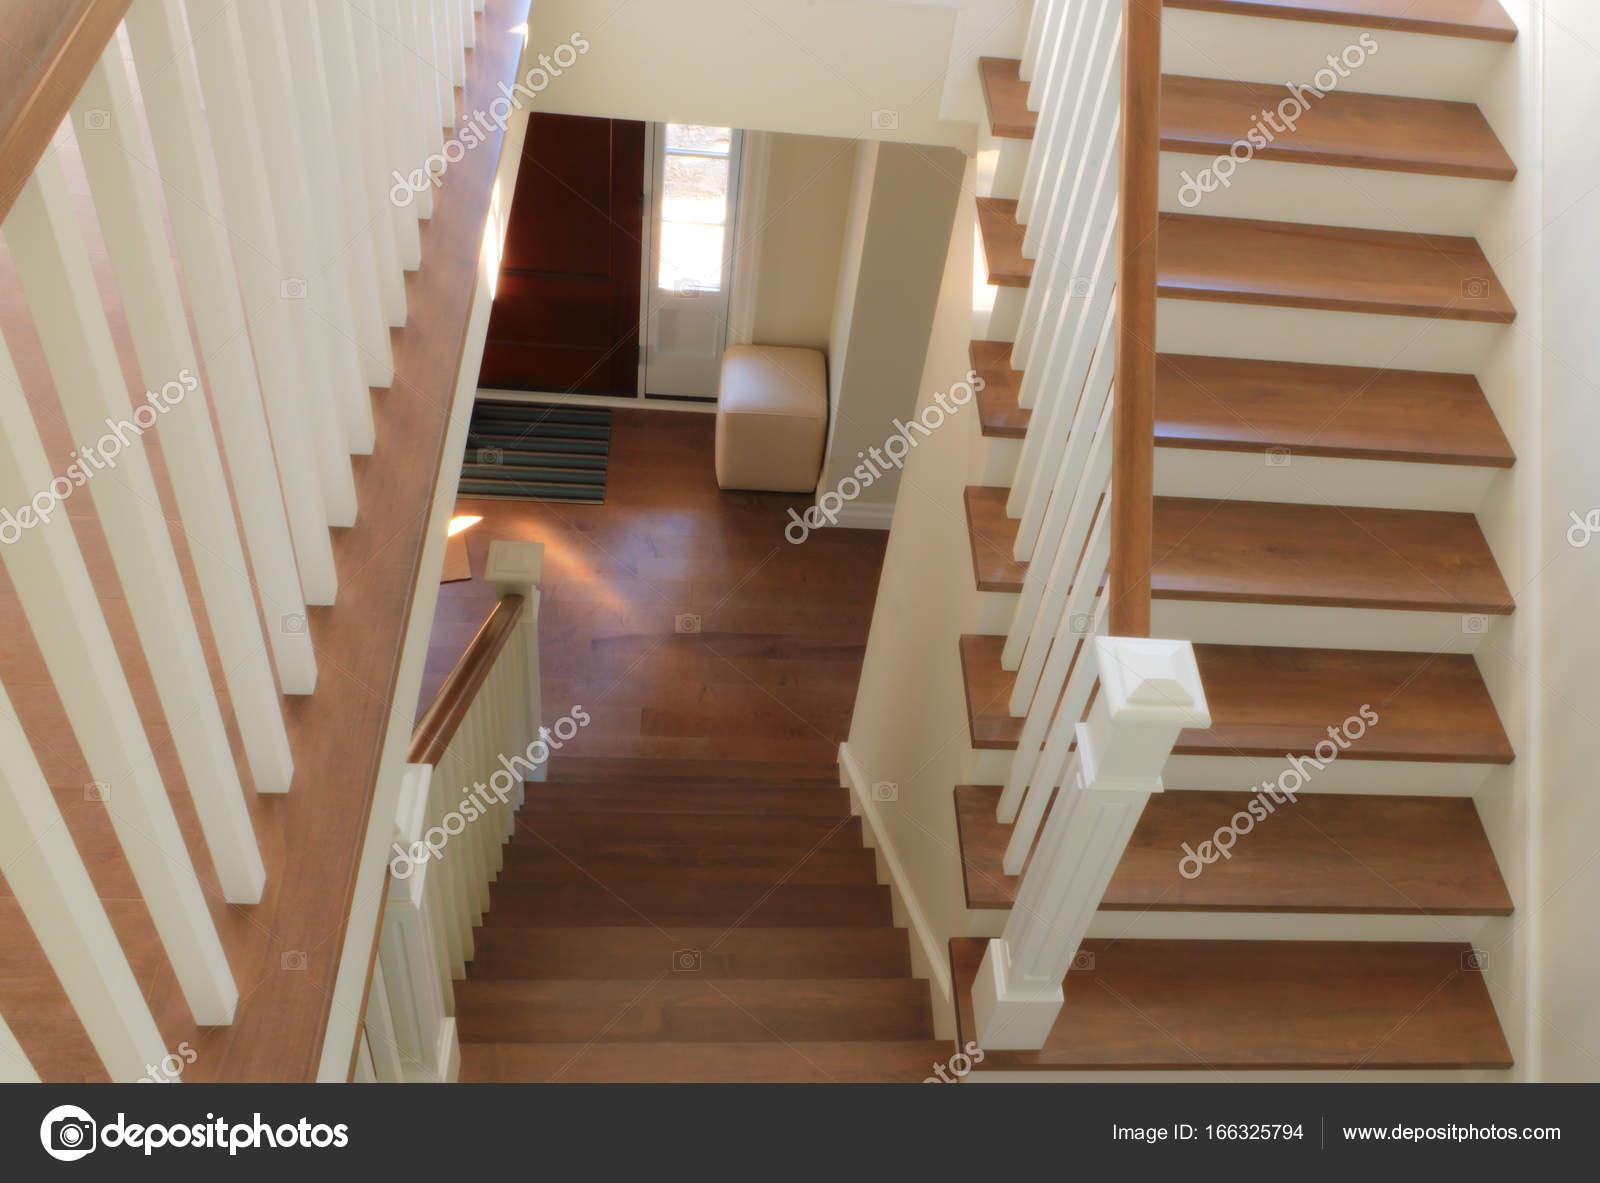 Witte trap hardhout stappen modern klassieke interieur u stockfoto